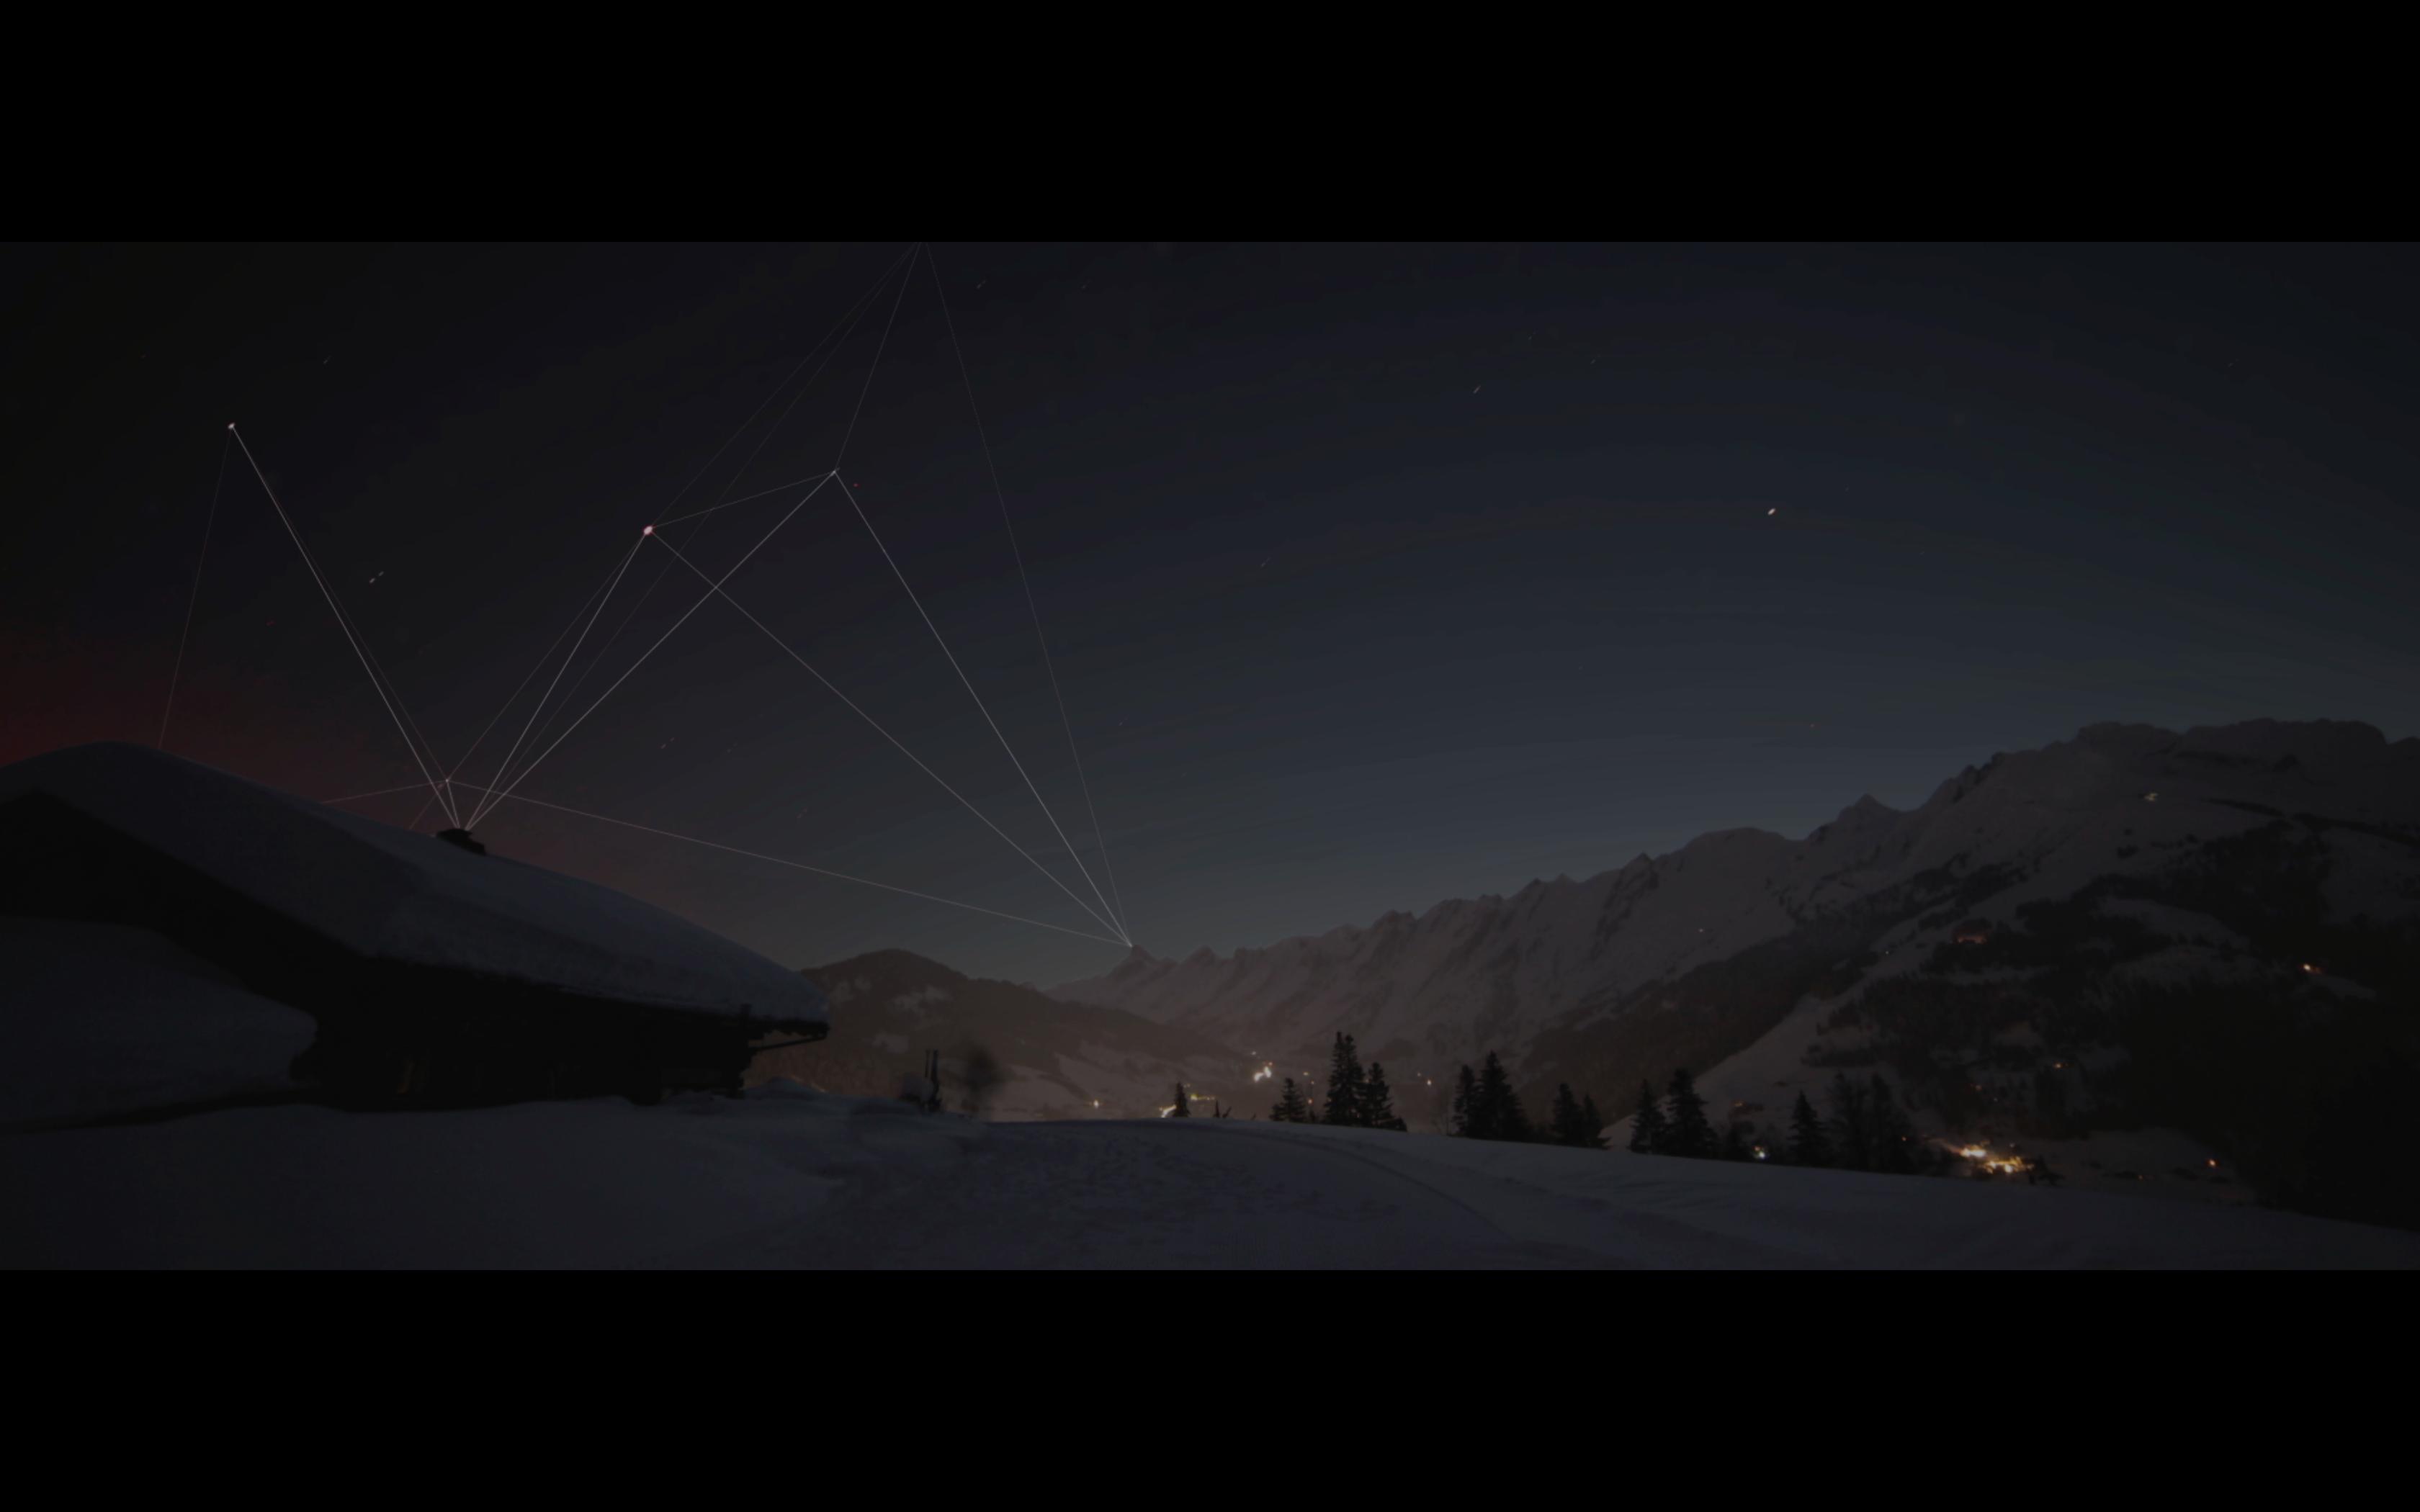 graphisme plexus dans video timelapse montage la clusaz